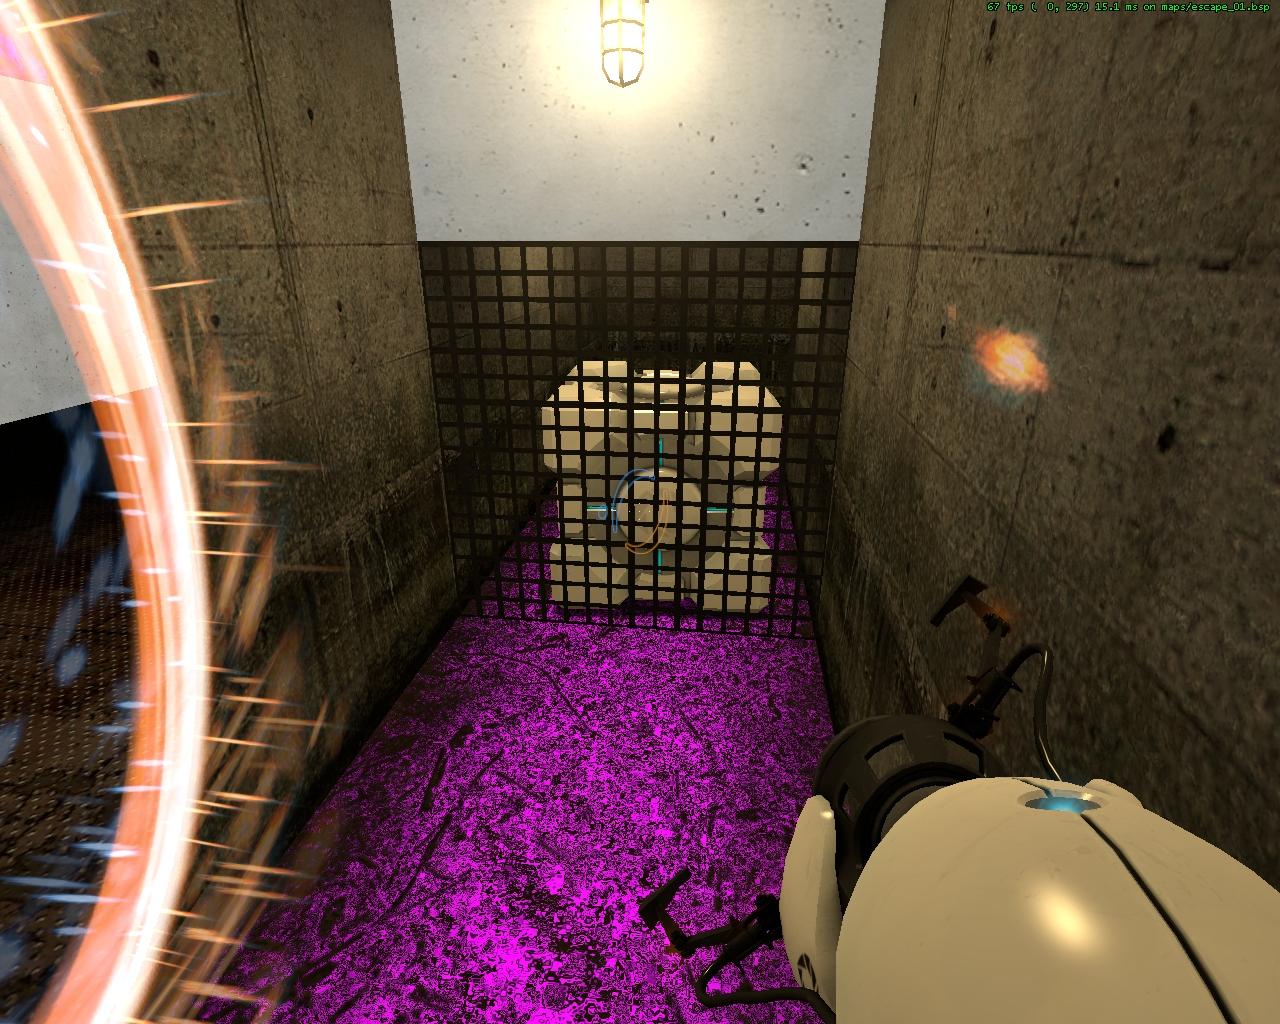 escape_010032.jpg - Portal escape_01, Portal 2006, Portal Beta